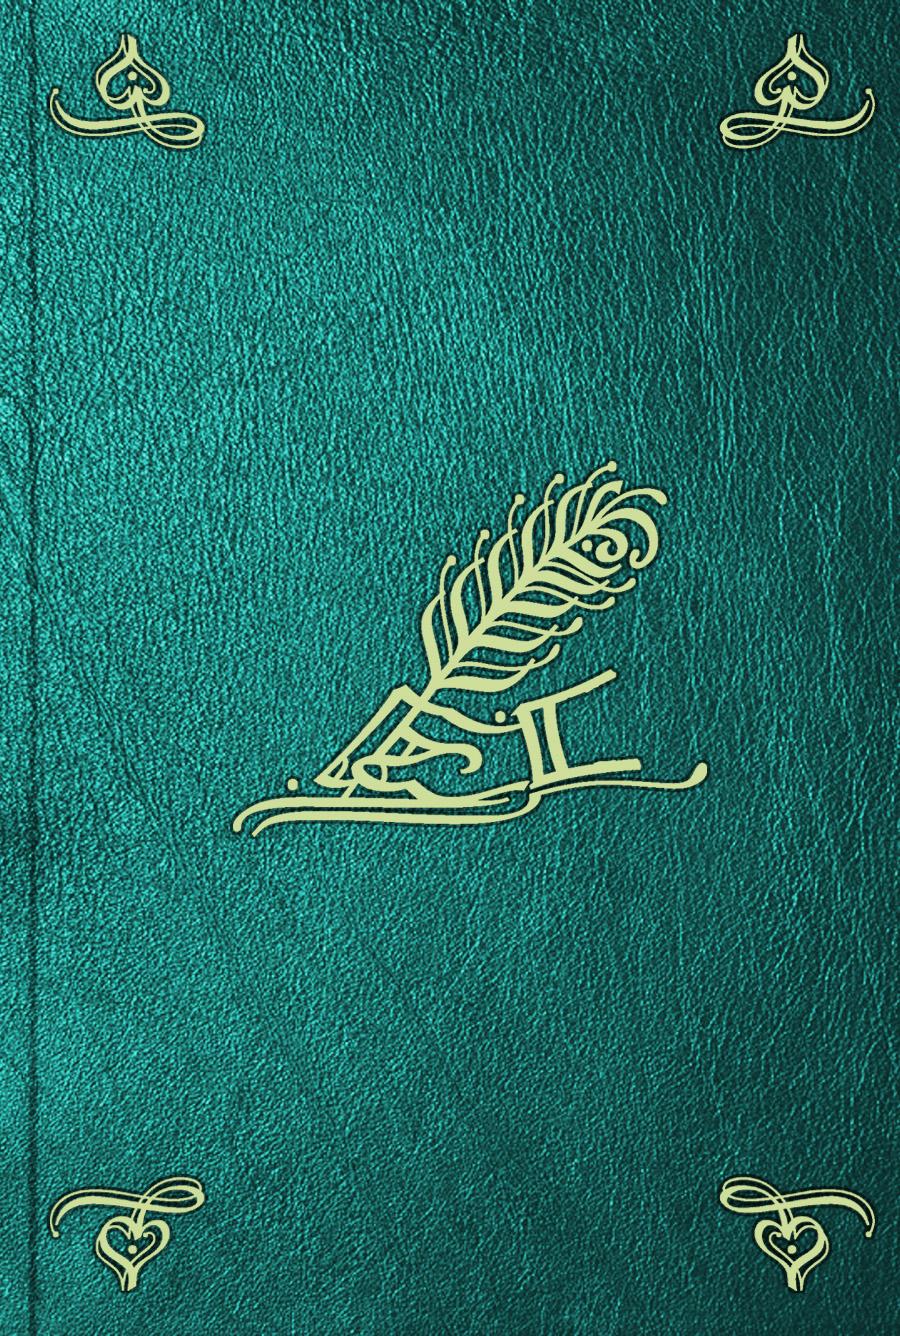 Johann Jacob Volkmann Historisch-kritische Nachrichten von Italien. Bd. 2 dieter simon albert einstein akademie vorträge sitzungsberichte der preußischen akademie der wissenschaften 1914 1932